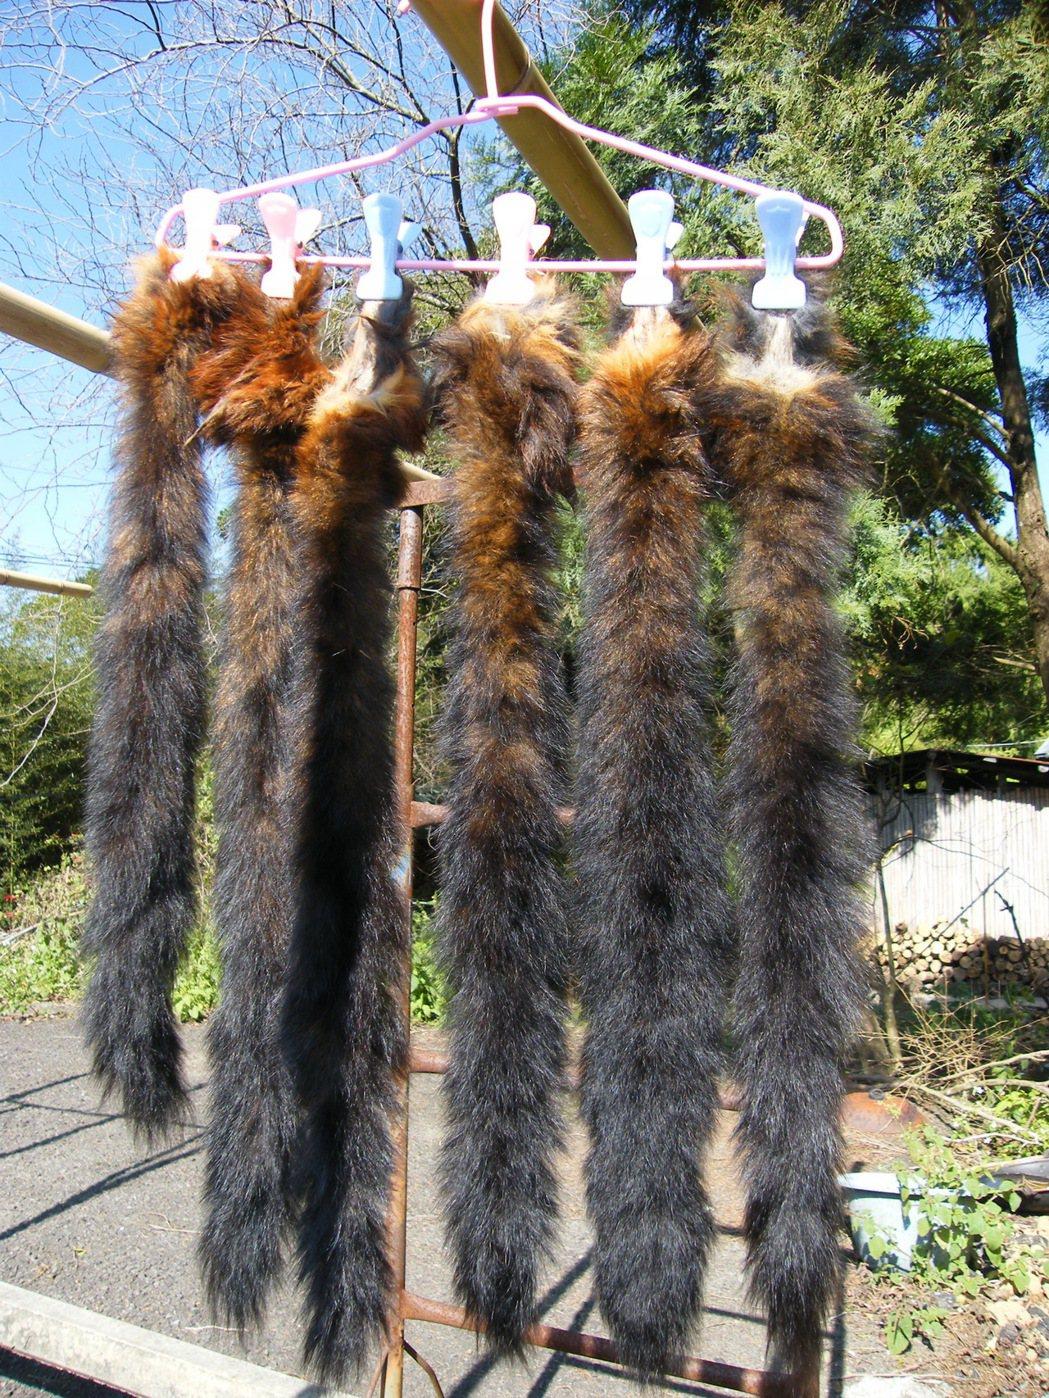 飛鼠宰殺後,毛茸茸的尾巴曬乾可以做圍巾或鑰匙圈。圖/聯合報系資料照片